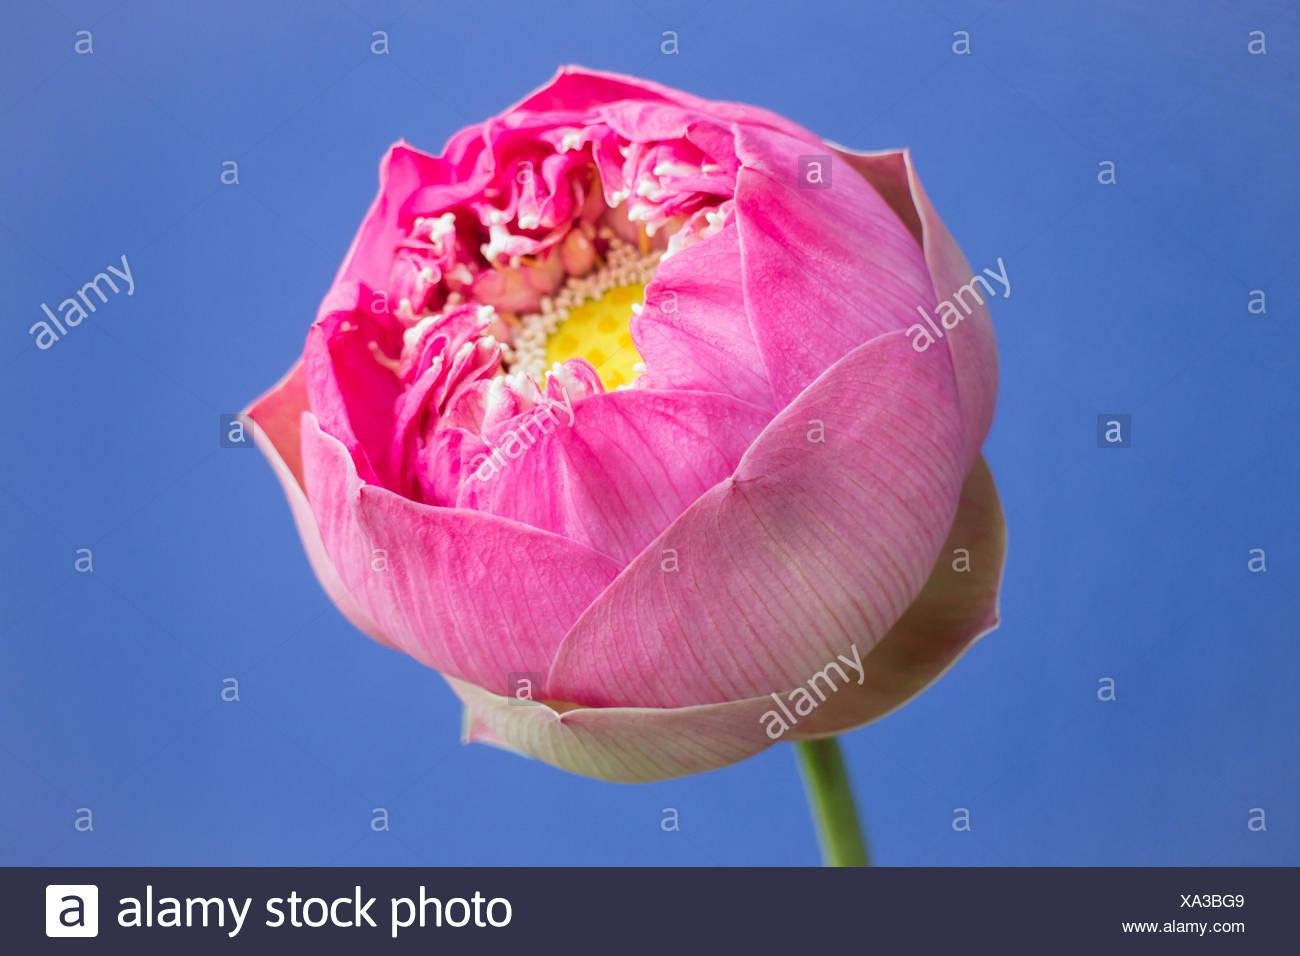 Lotus Flower Auf Der Blauen Wand Hintergrund Stockfoto Bild